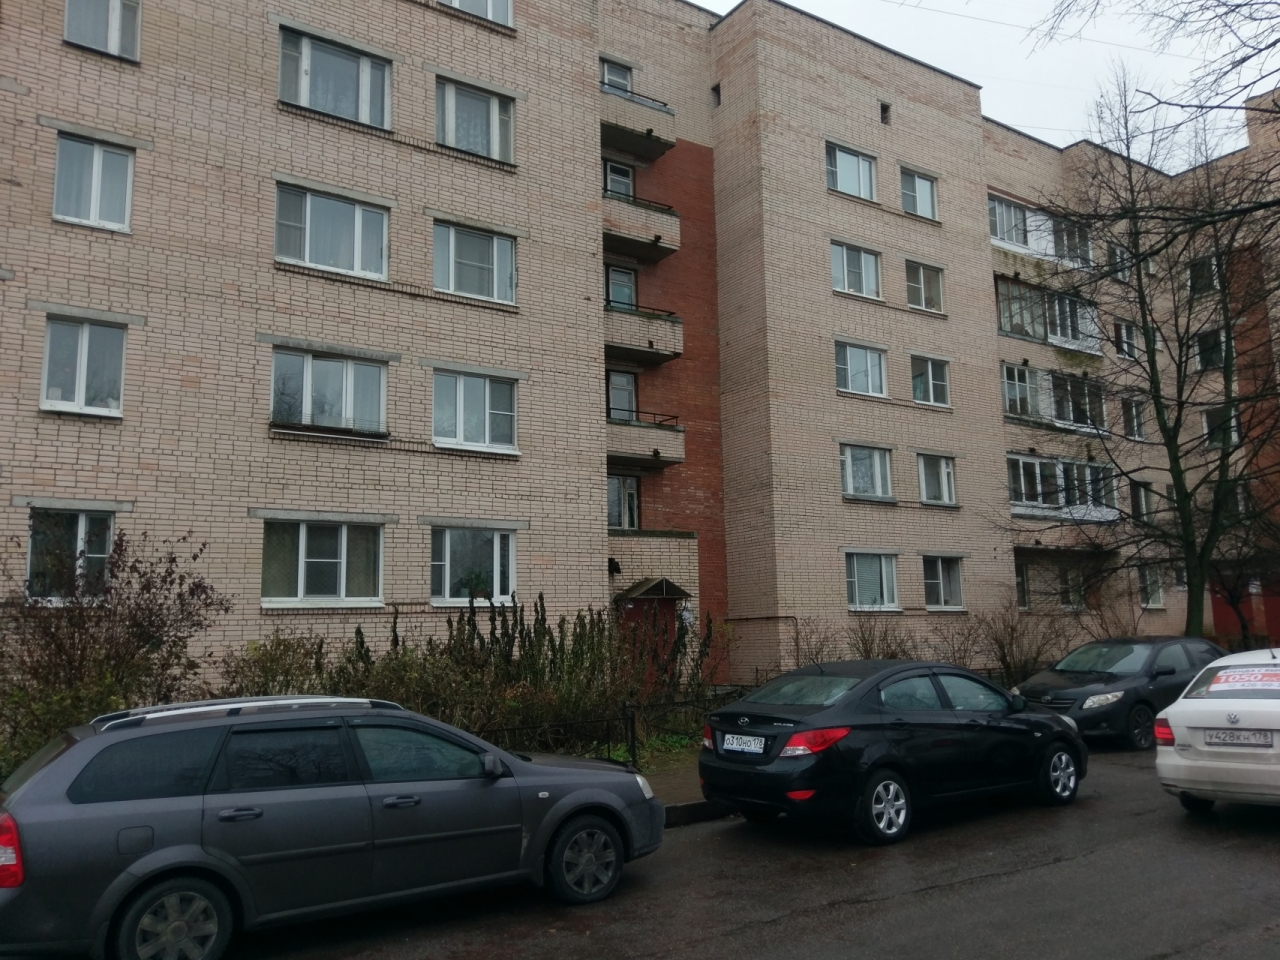 http://dinas.pro.bkn.ru/images/s_big/7bebbc29-db21-11e7-b300-448a5bd44c07.jpg